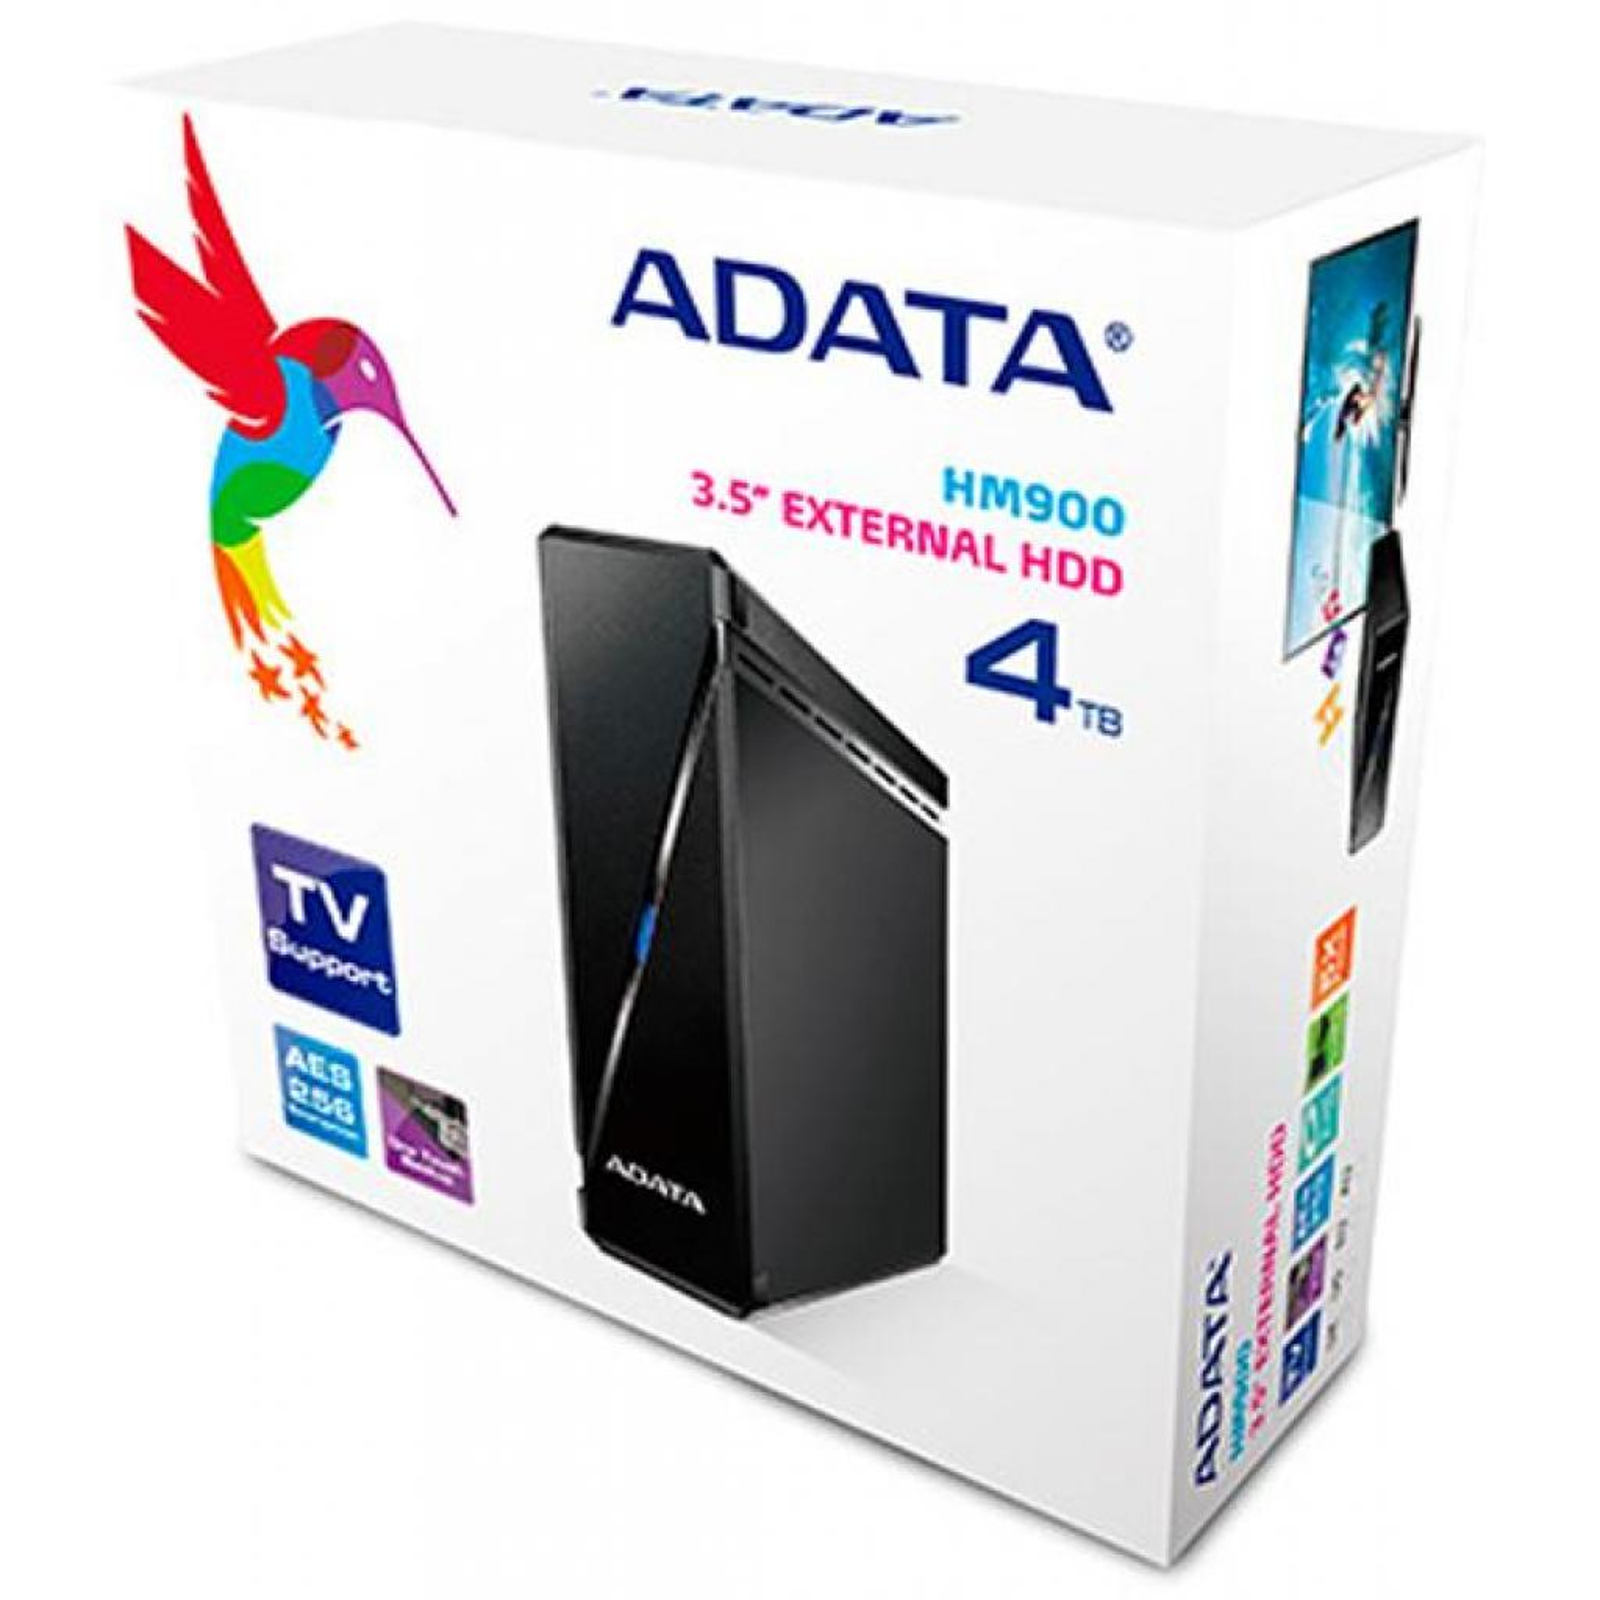 """Внешний жесткий диск 3.5"""" 4TB ADATA (AHM900-4TU3-CUKBK) изображение 5"""